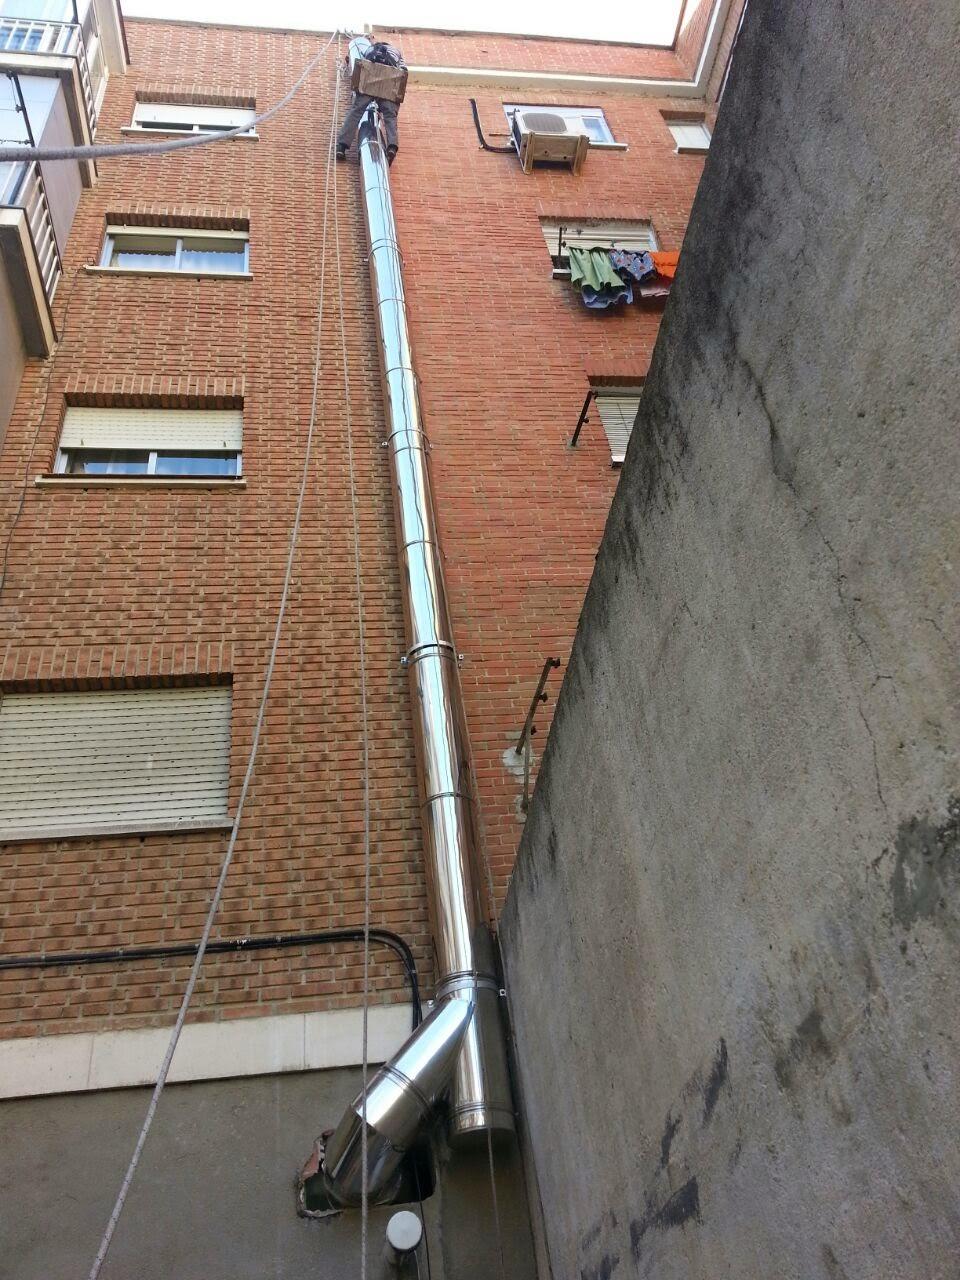 Venta de tubos de chimeneas tubos helicoidales tubos - Tubos de acero inoxidable para chimeneas ...